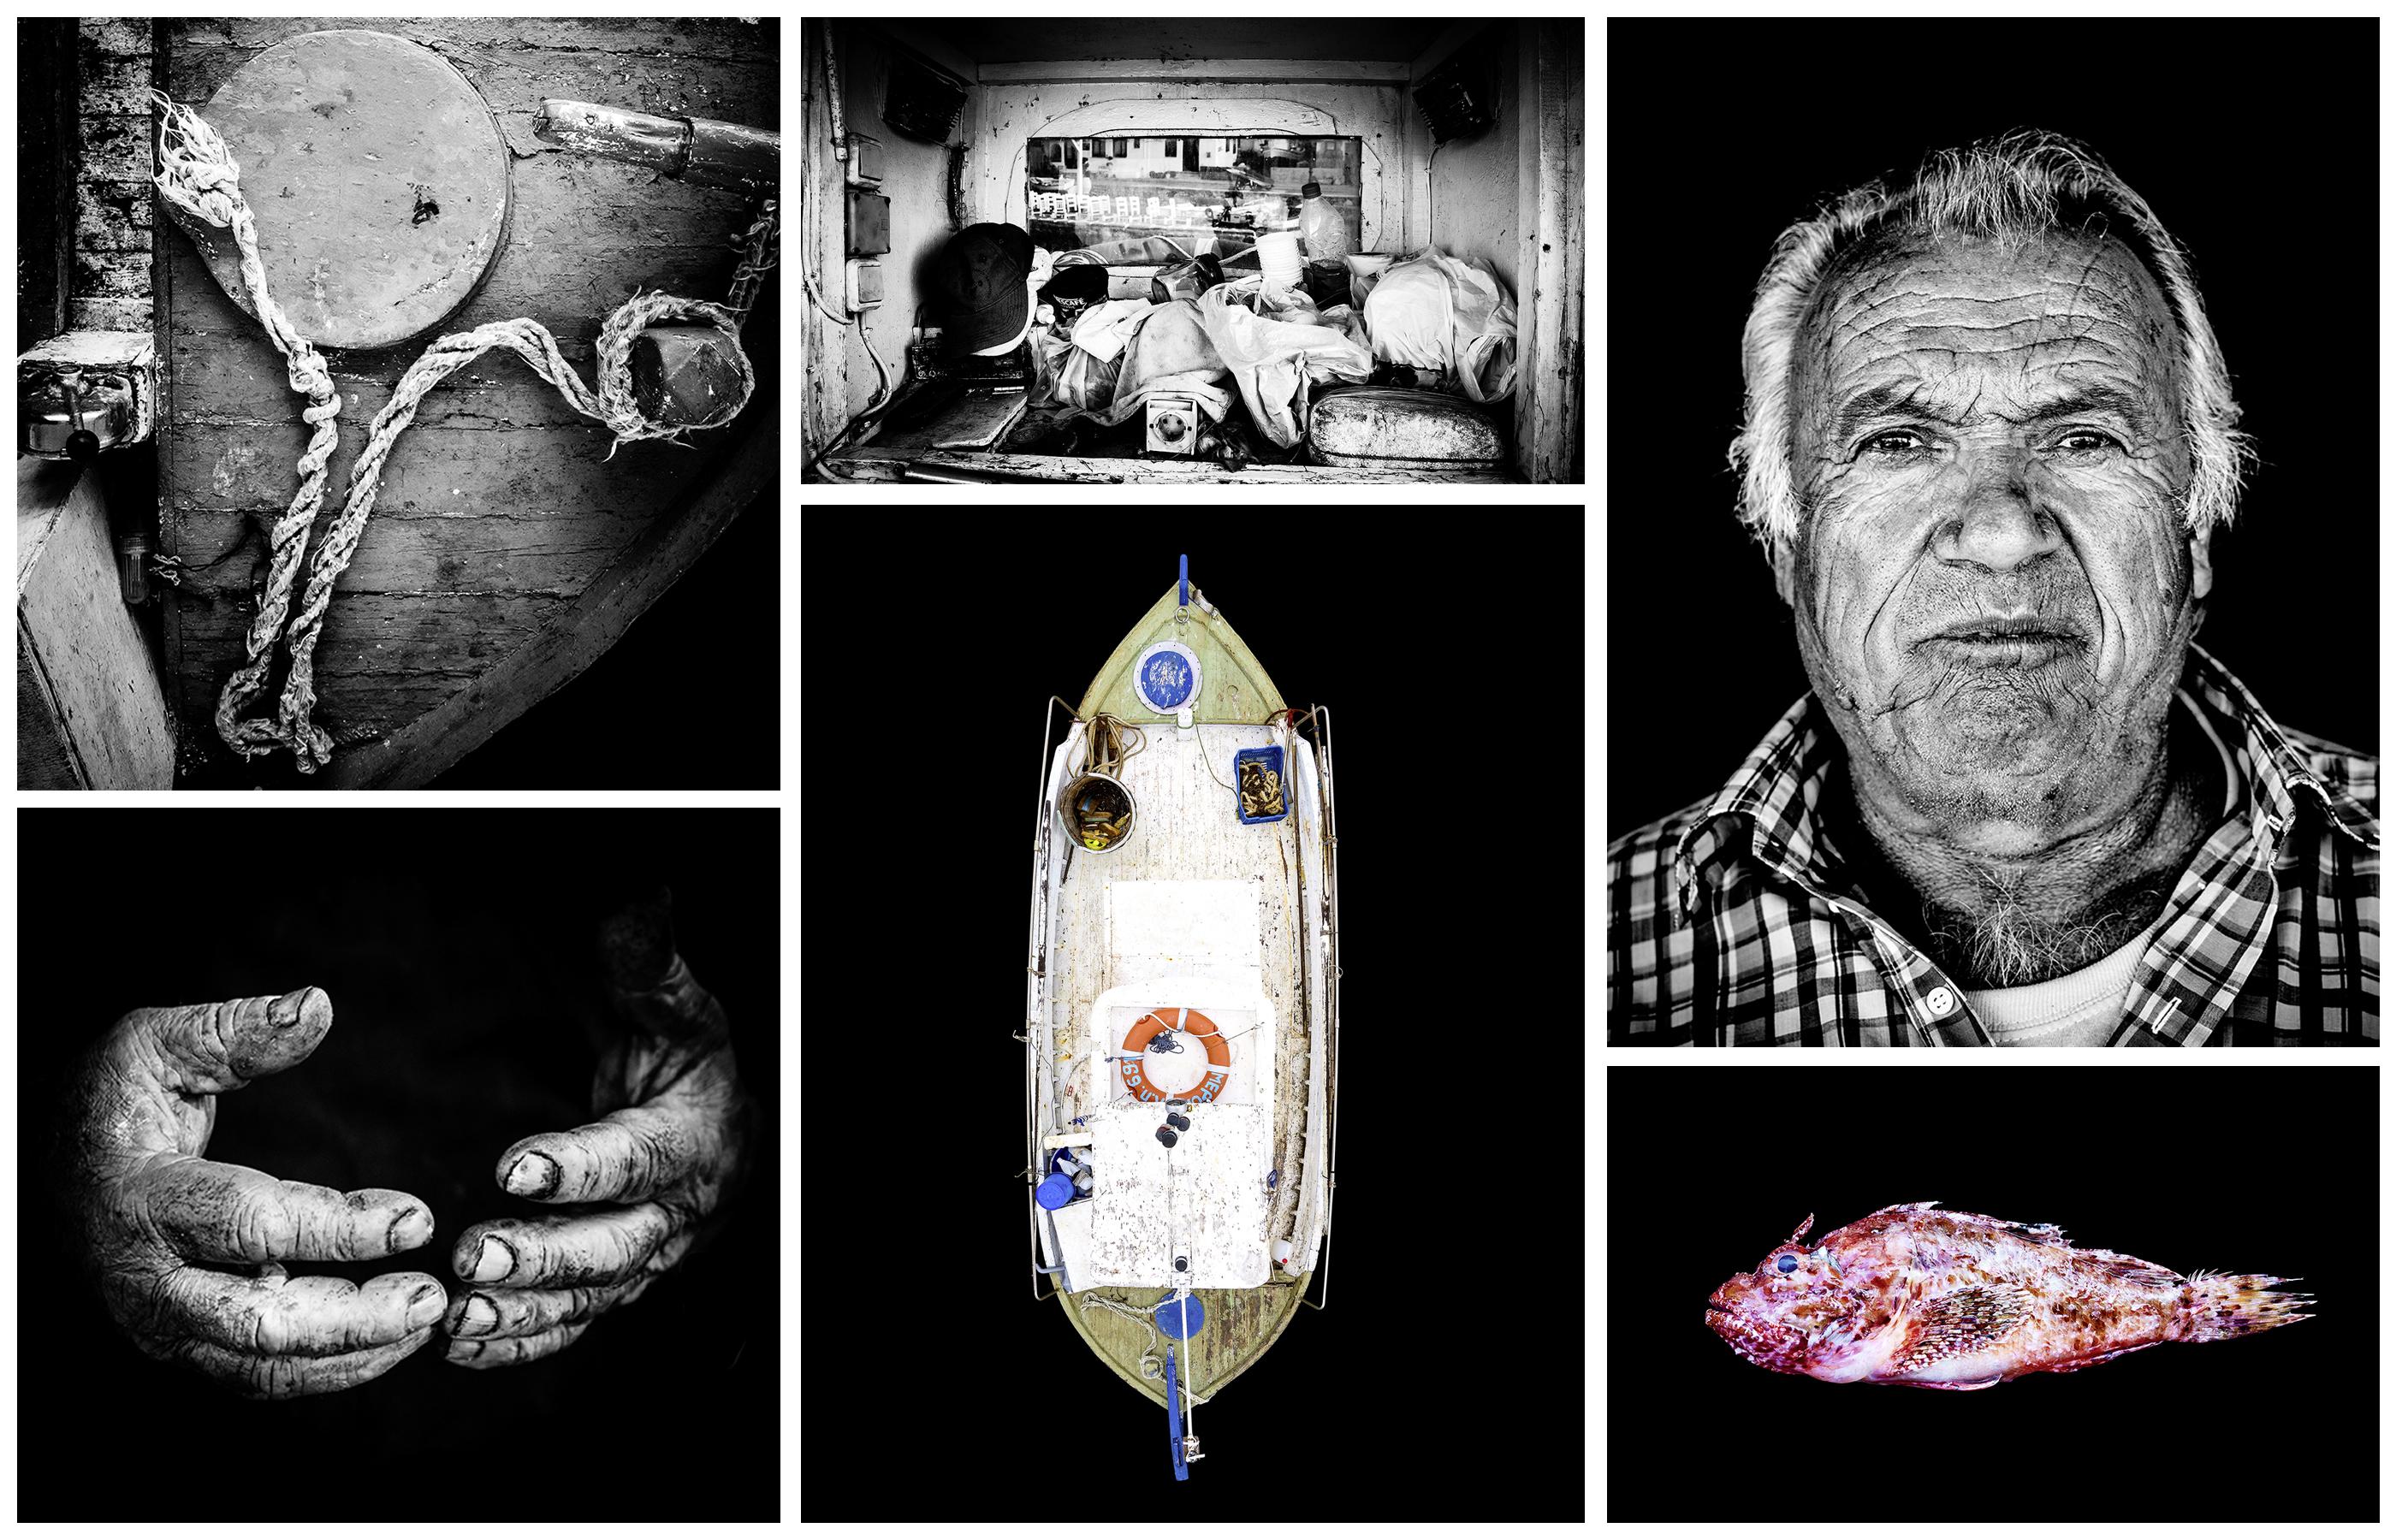 Name: Vaggelis Parousis Born: 1945 Boat Name: Meropi Location: Aliki/Paros.